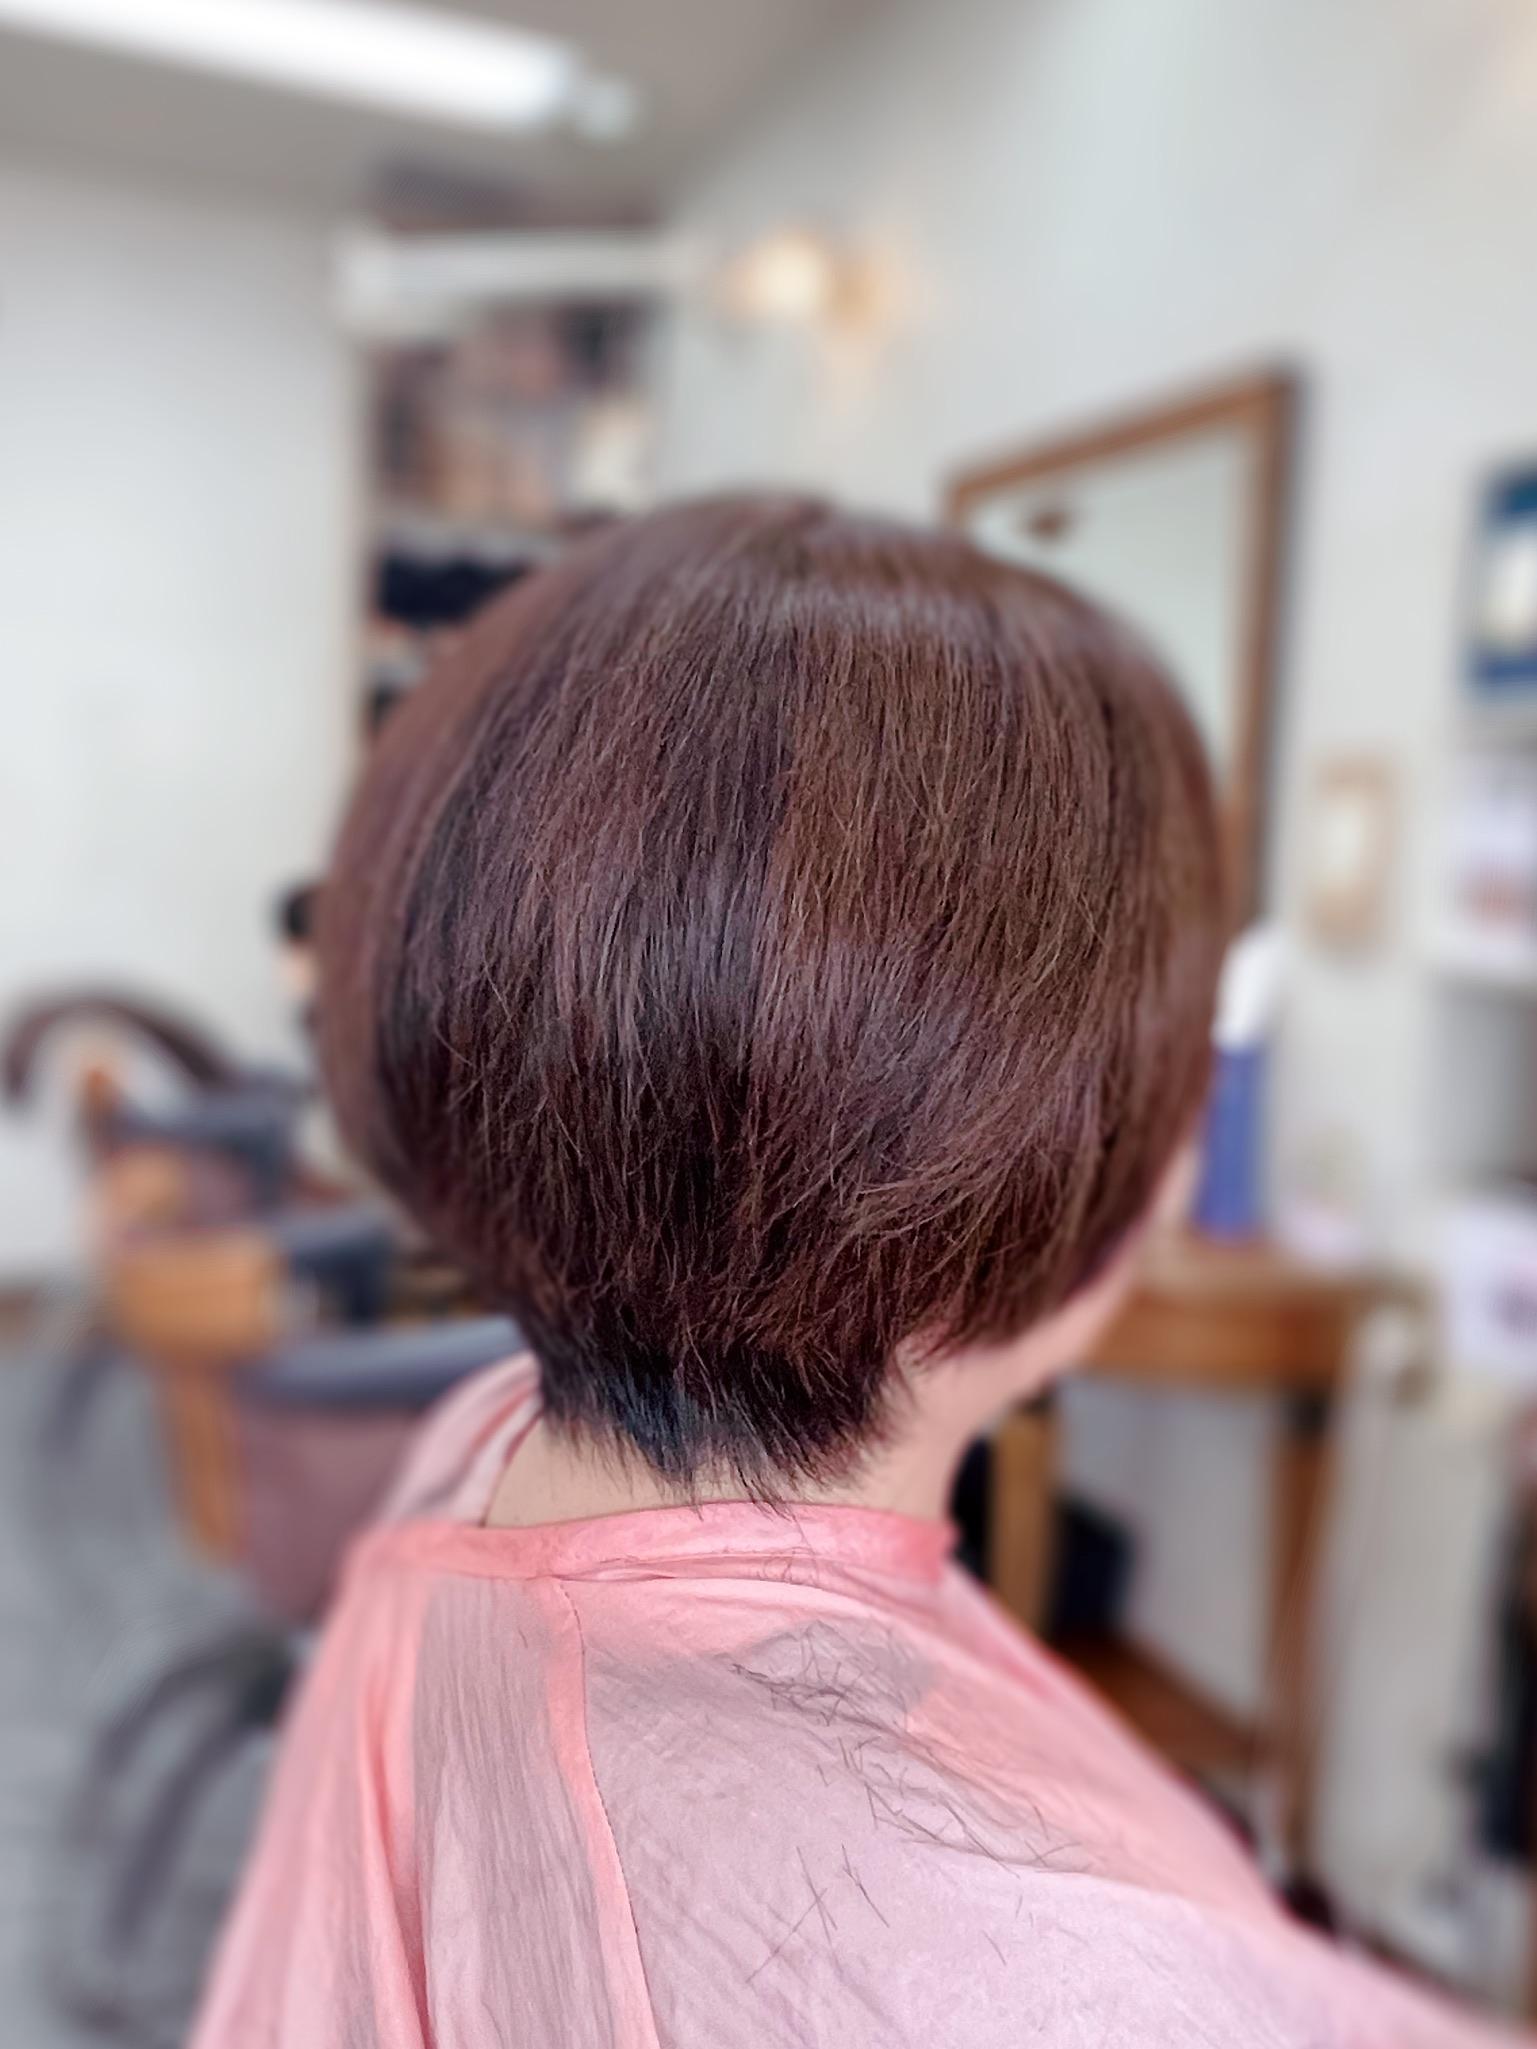 #白髪50% #アロマカラー #酸性白髪染め #くせ毛のカットは #ハサミ1本 #ダメージなし